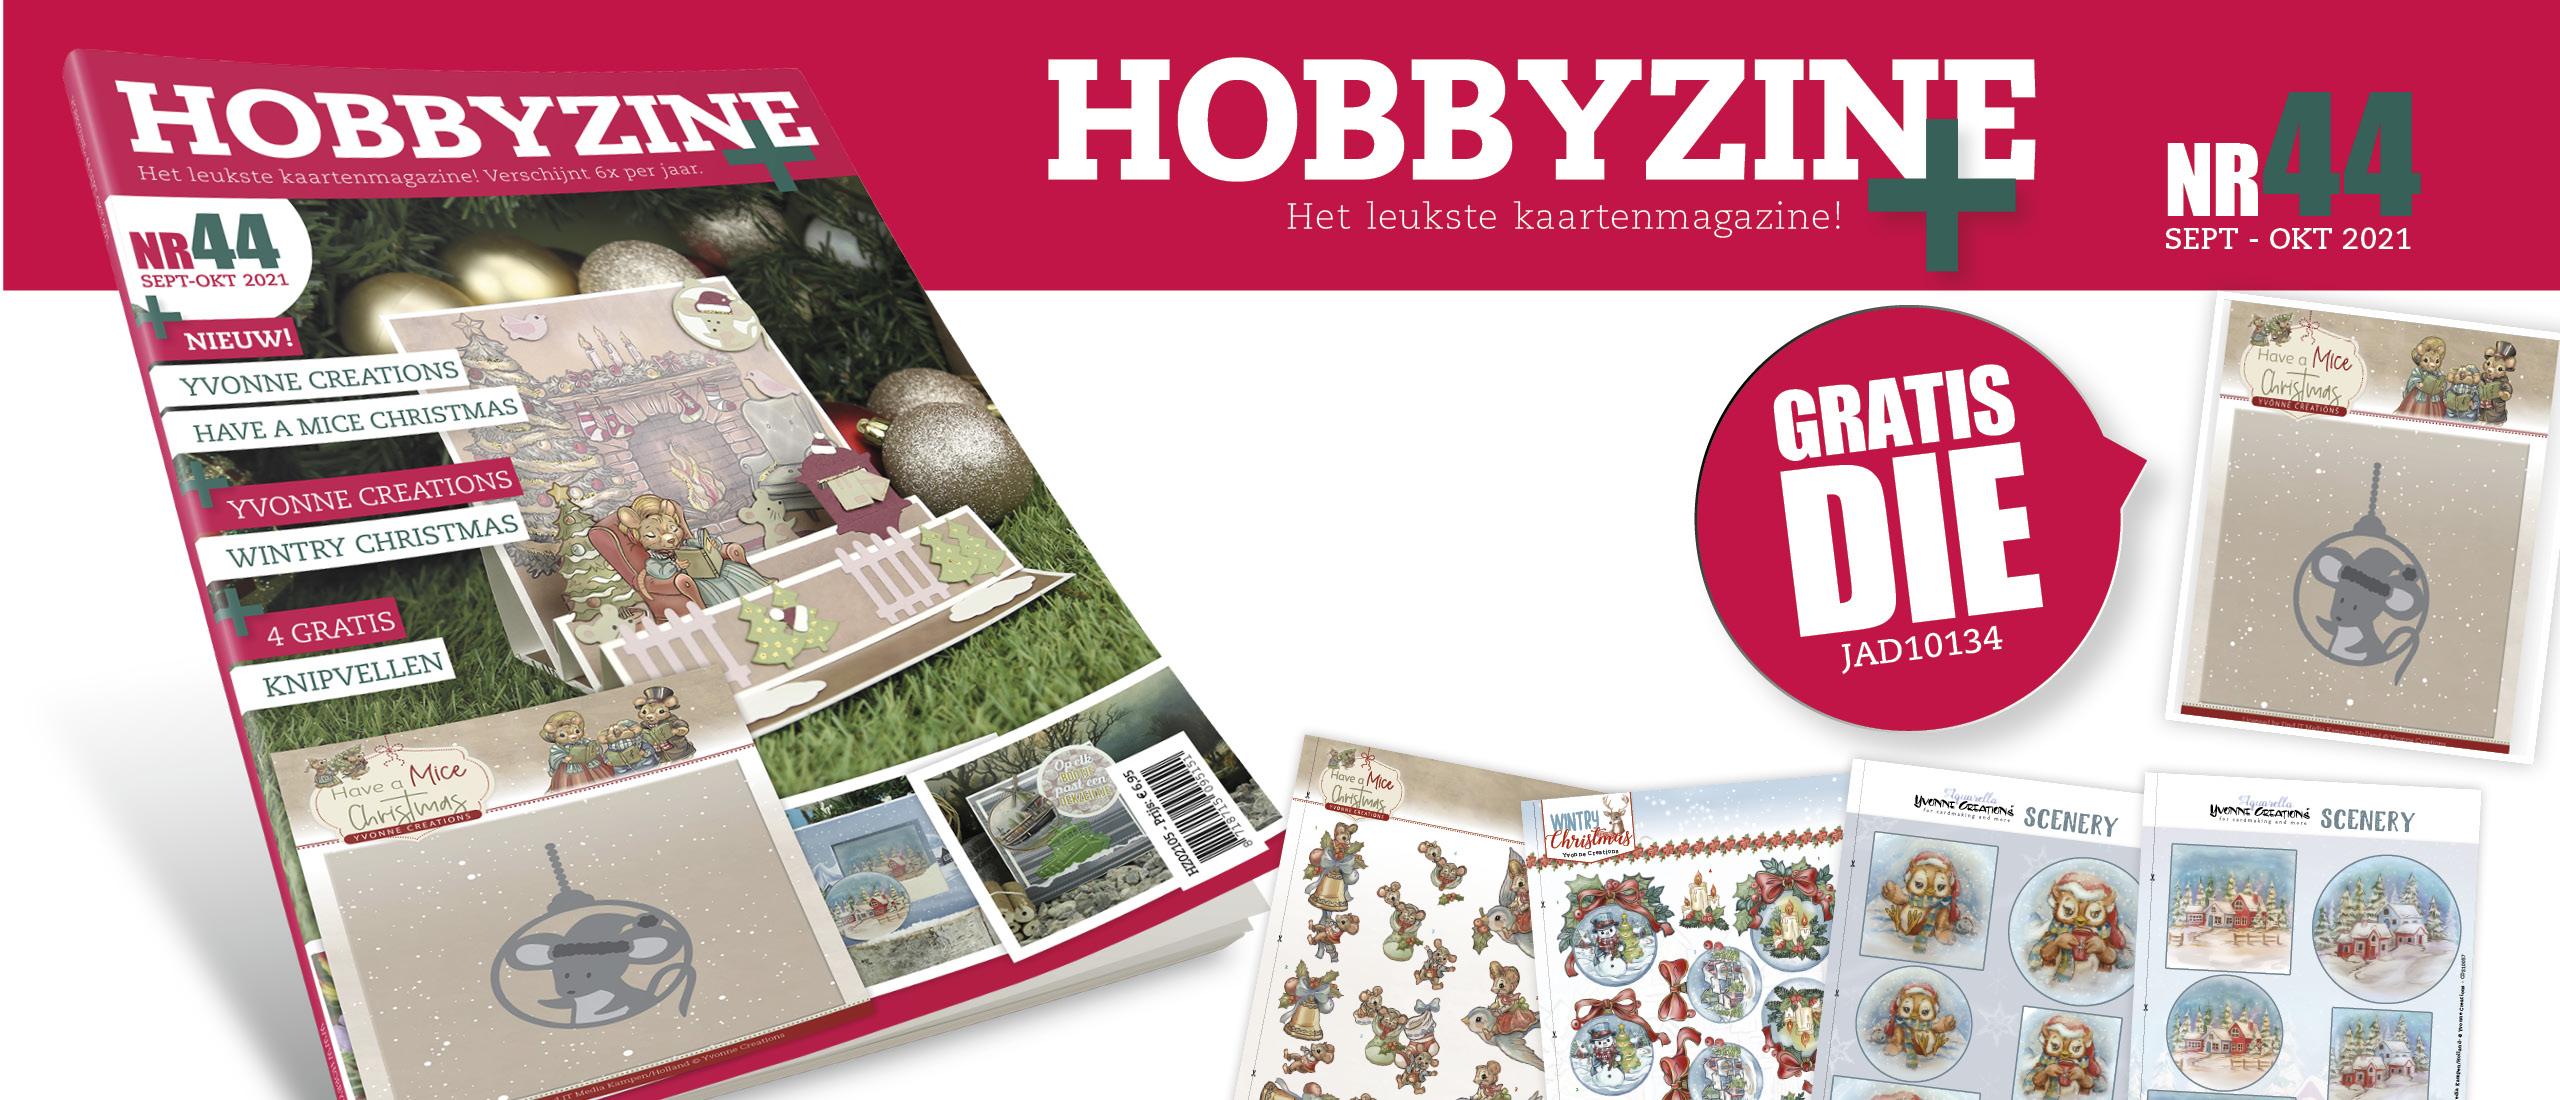 Gratis Scenery en knipvellen bij Hobbyzine Plus #44